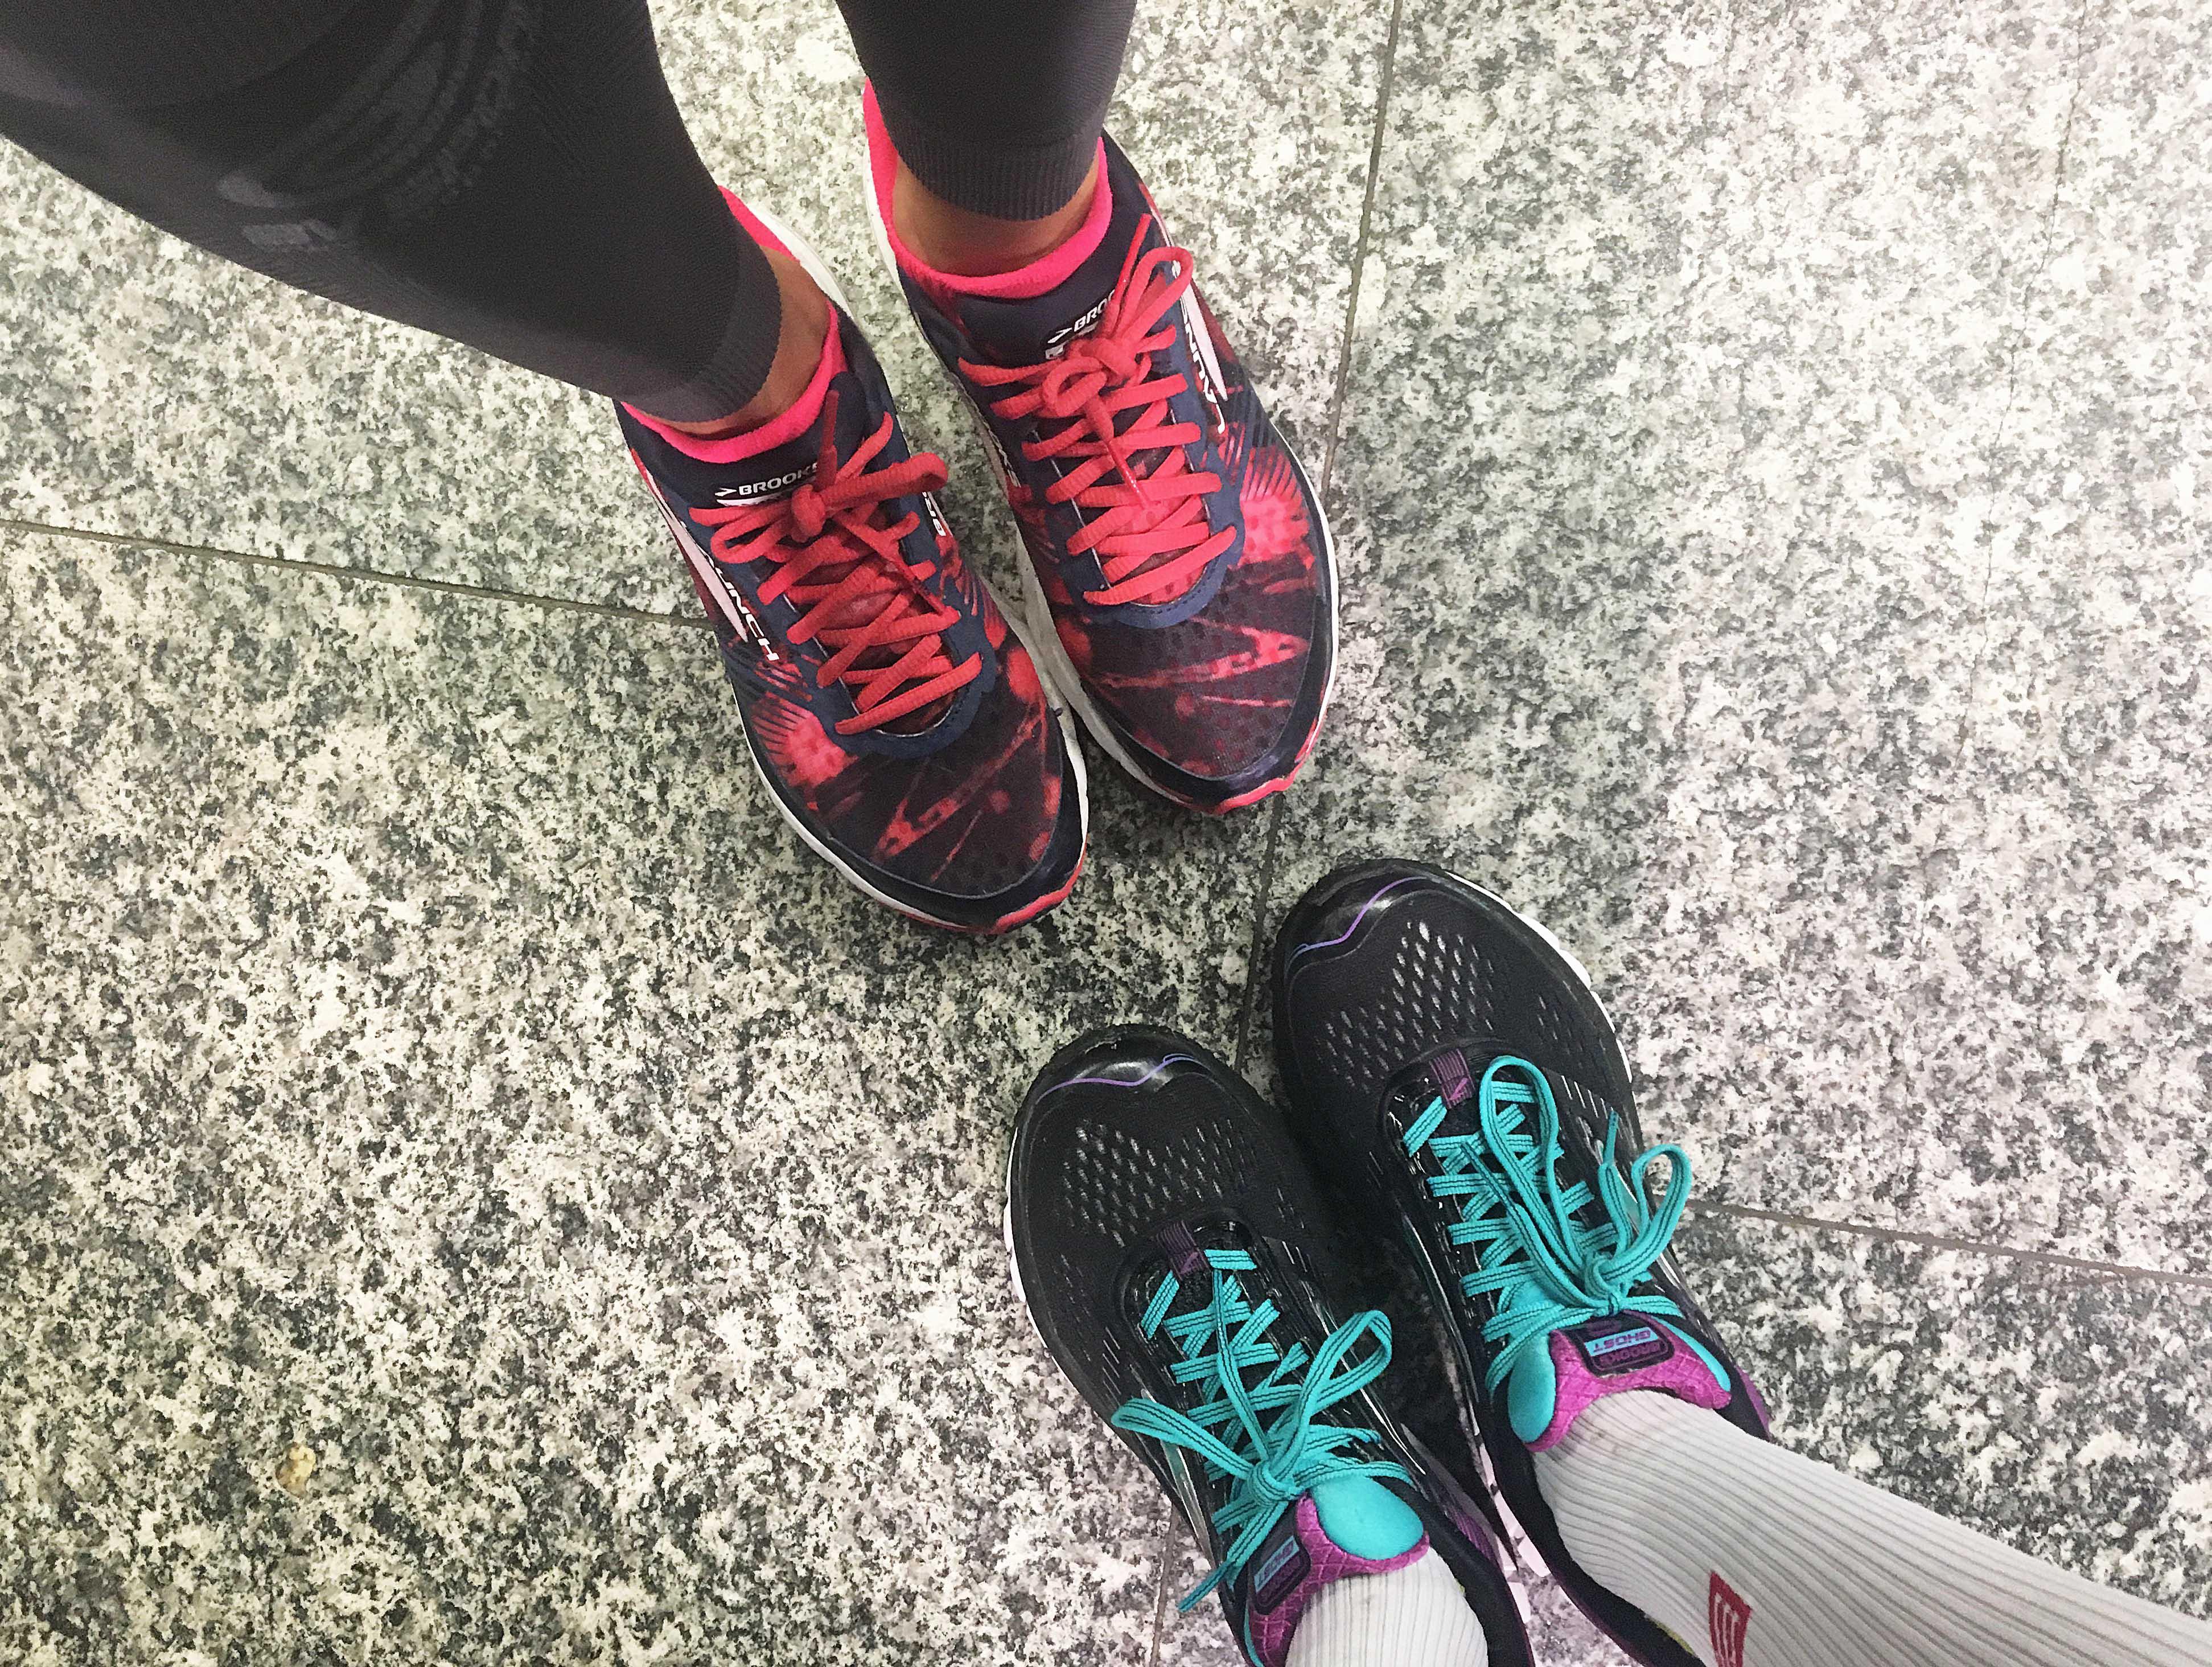 Il lunghissimo lento: allenamento immancabile per la maratona